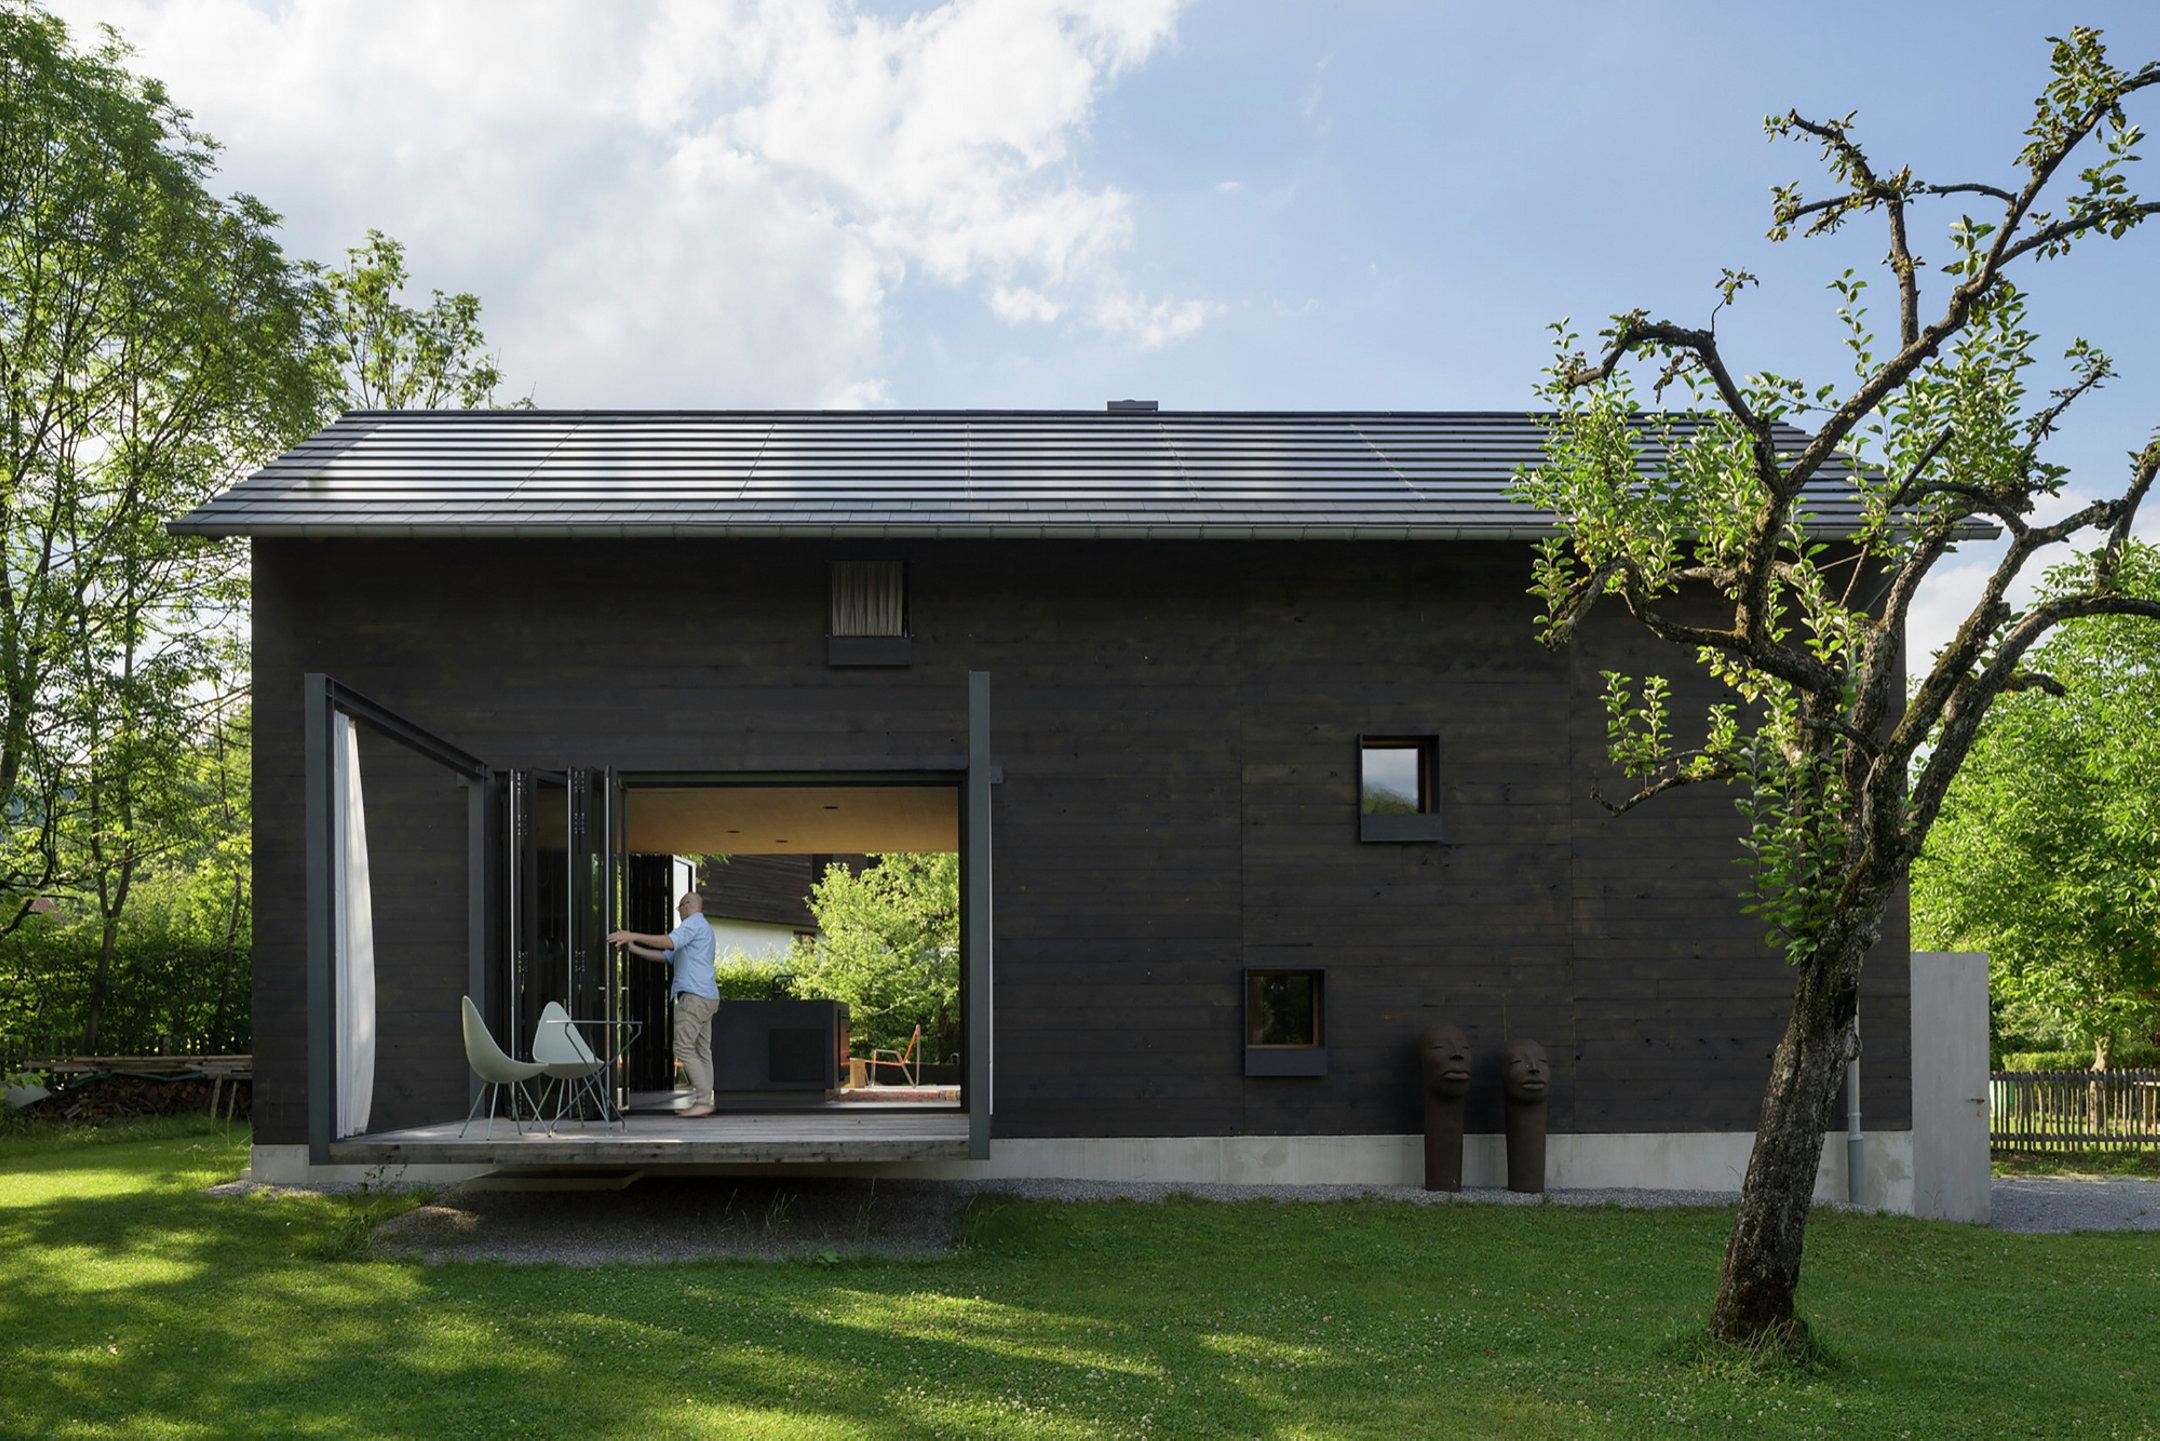 House At The Upper Bavaria From Arnhard und Eck Architekten Bureau